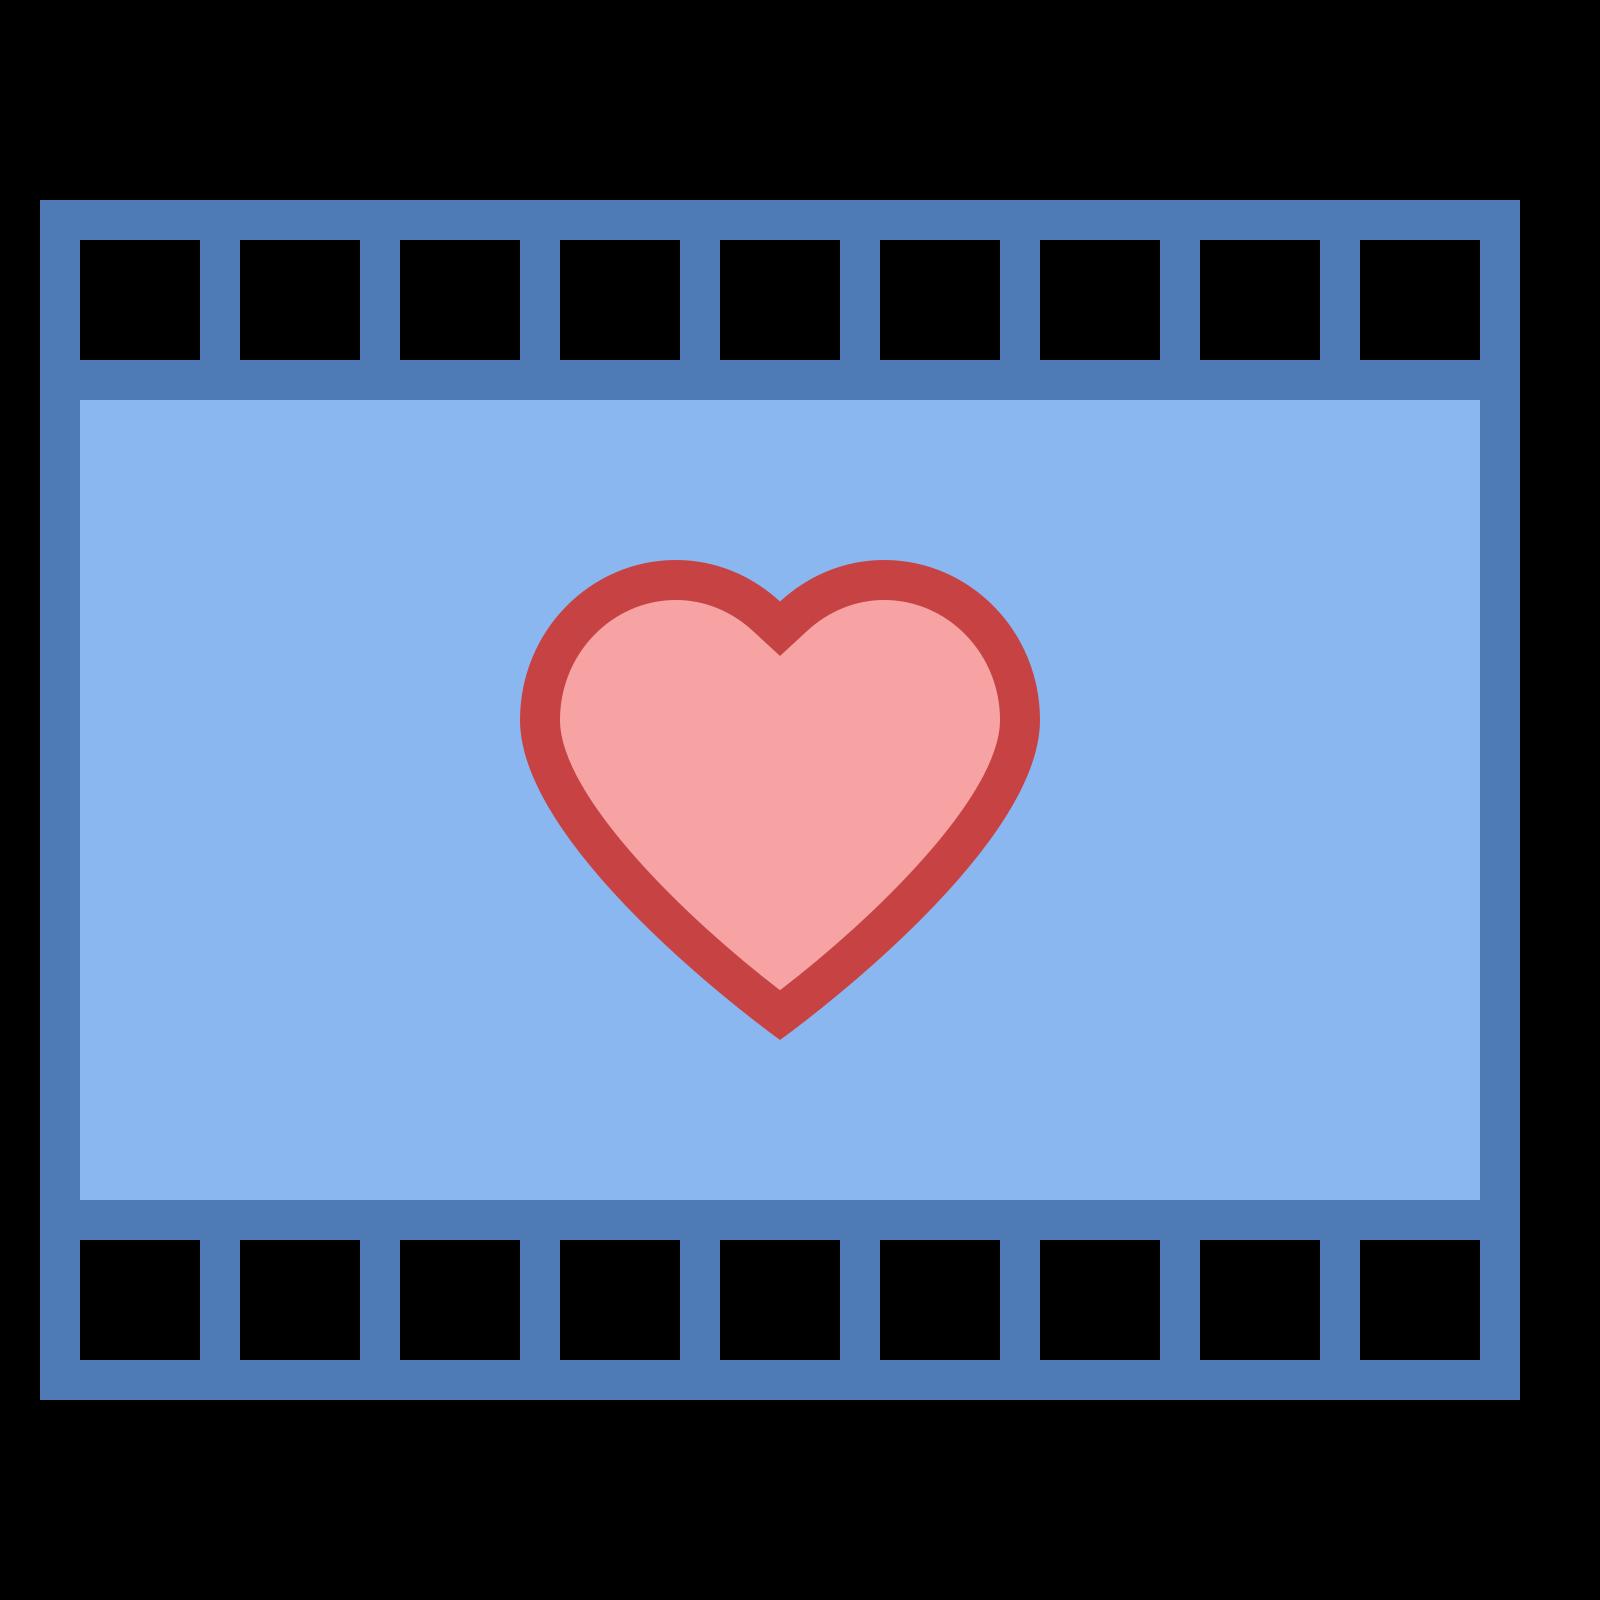 Filmy romantyczne icon